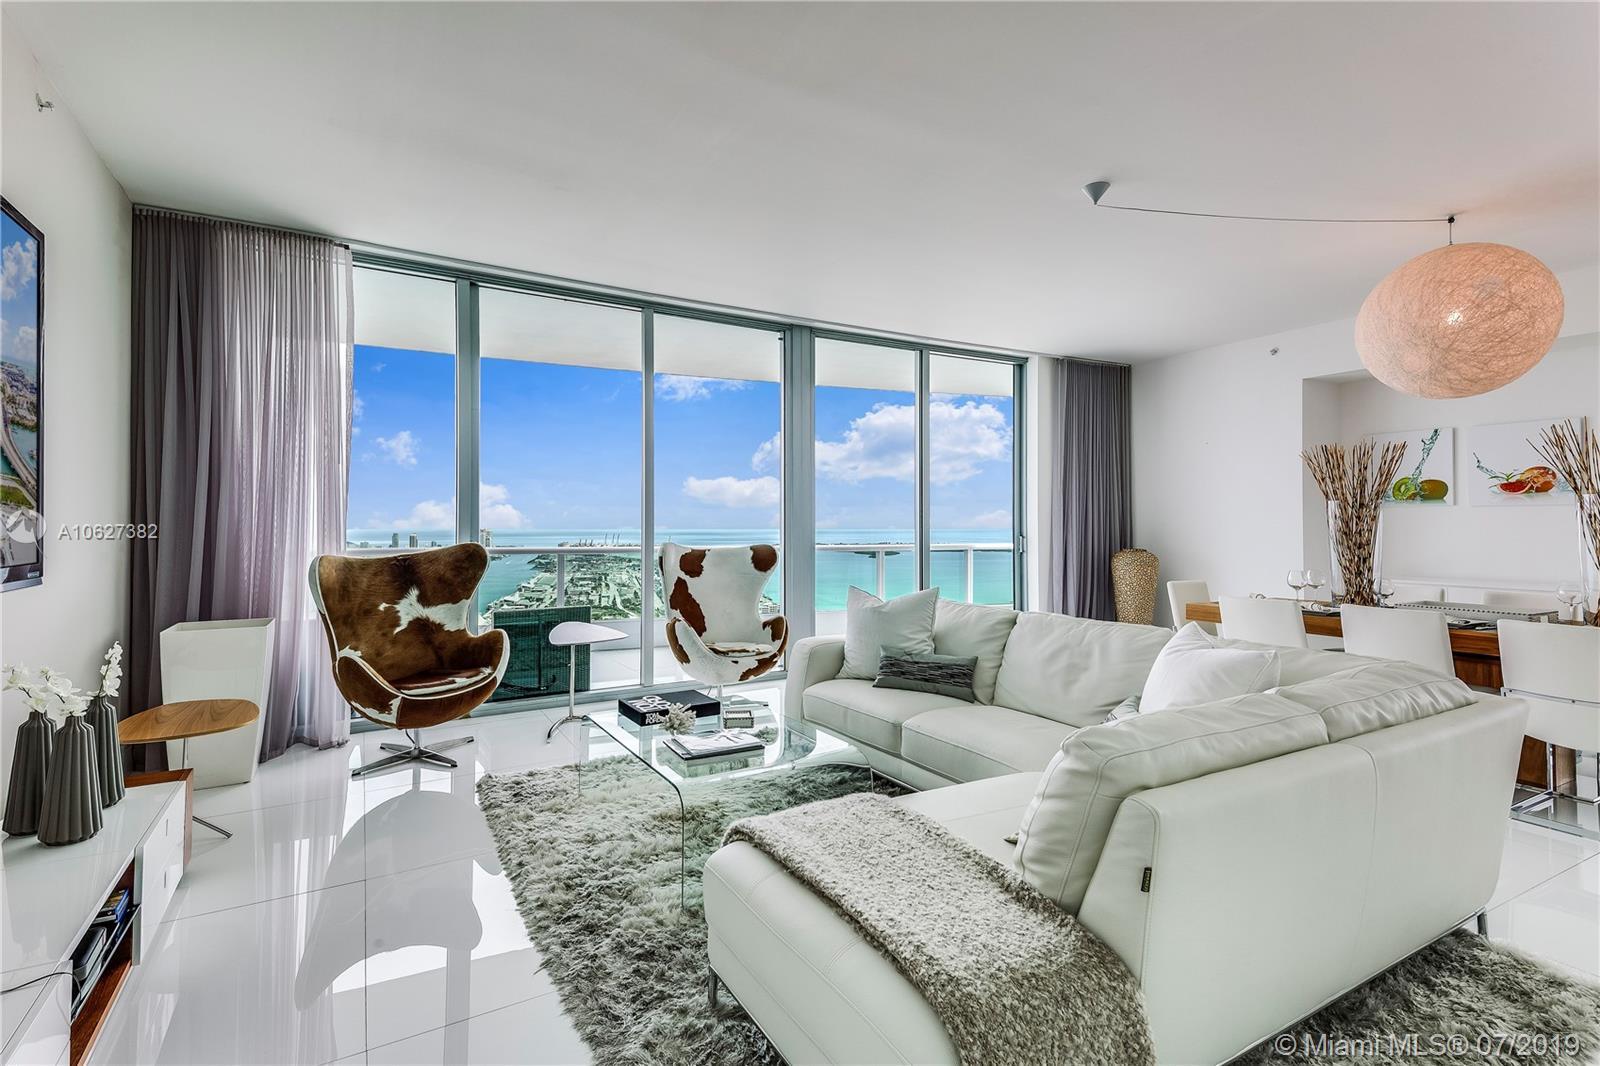 900 Biscayne Blvd Miami, FL 33132